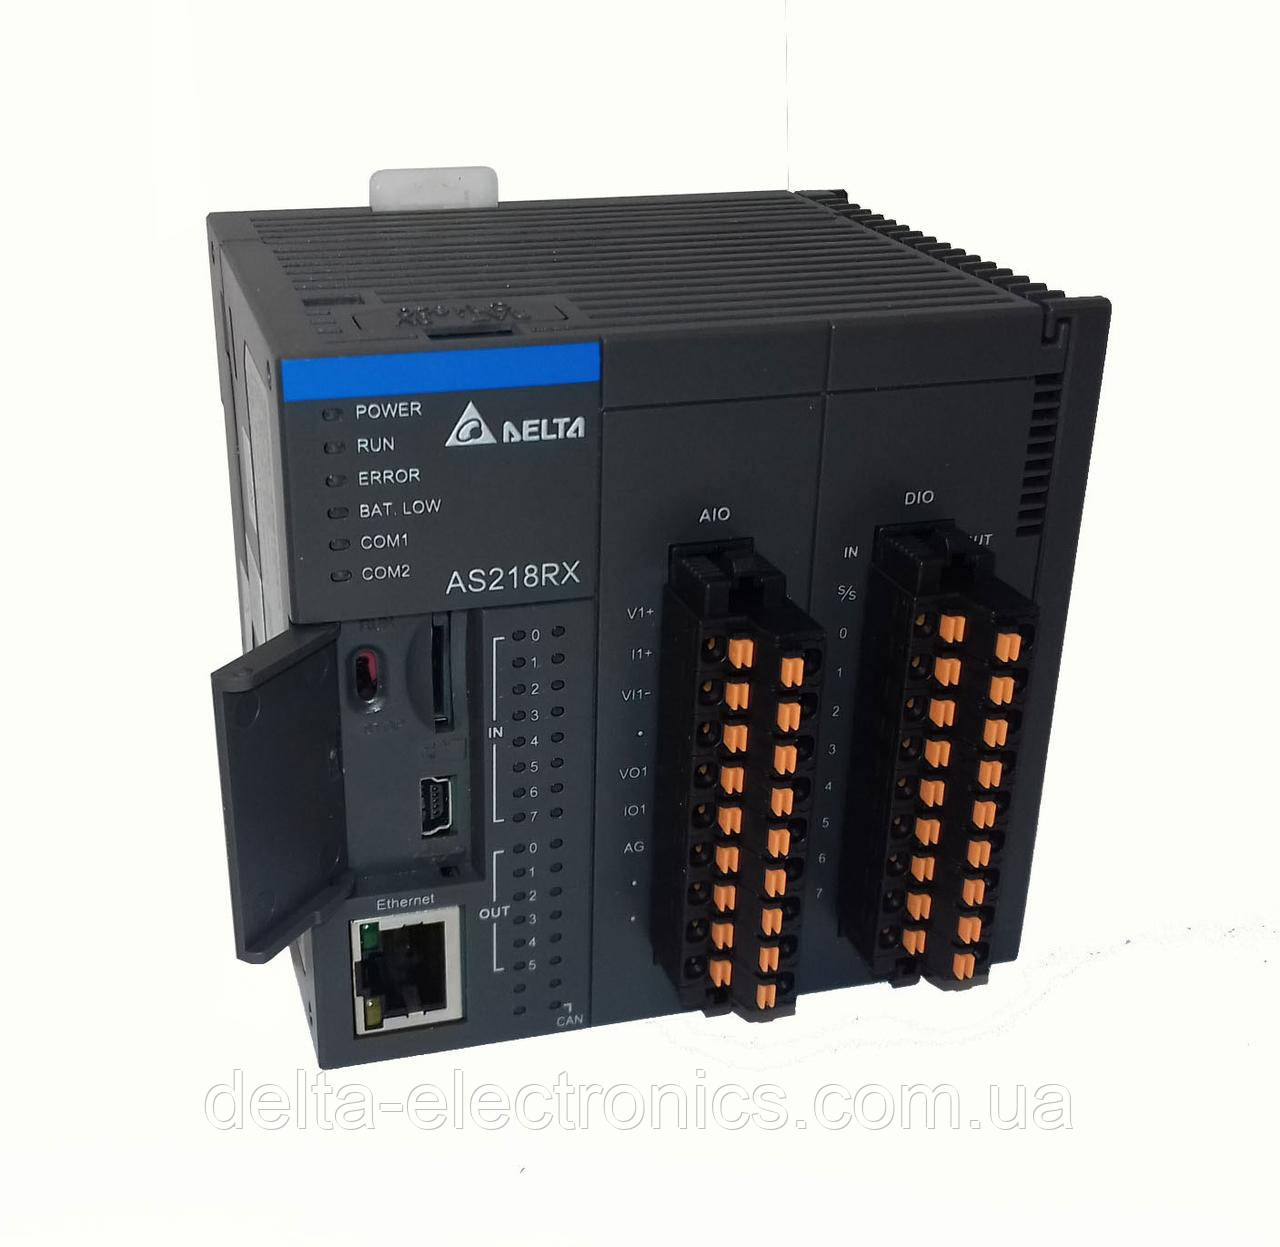 Базовый модуль контроллера серии AS200 Delta Electronics, 8DI/6DO релейные выходы, 2AI/2AO, Ethernet